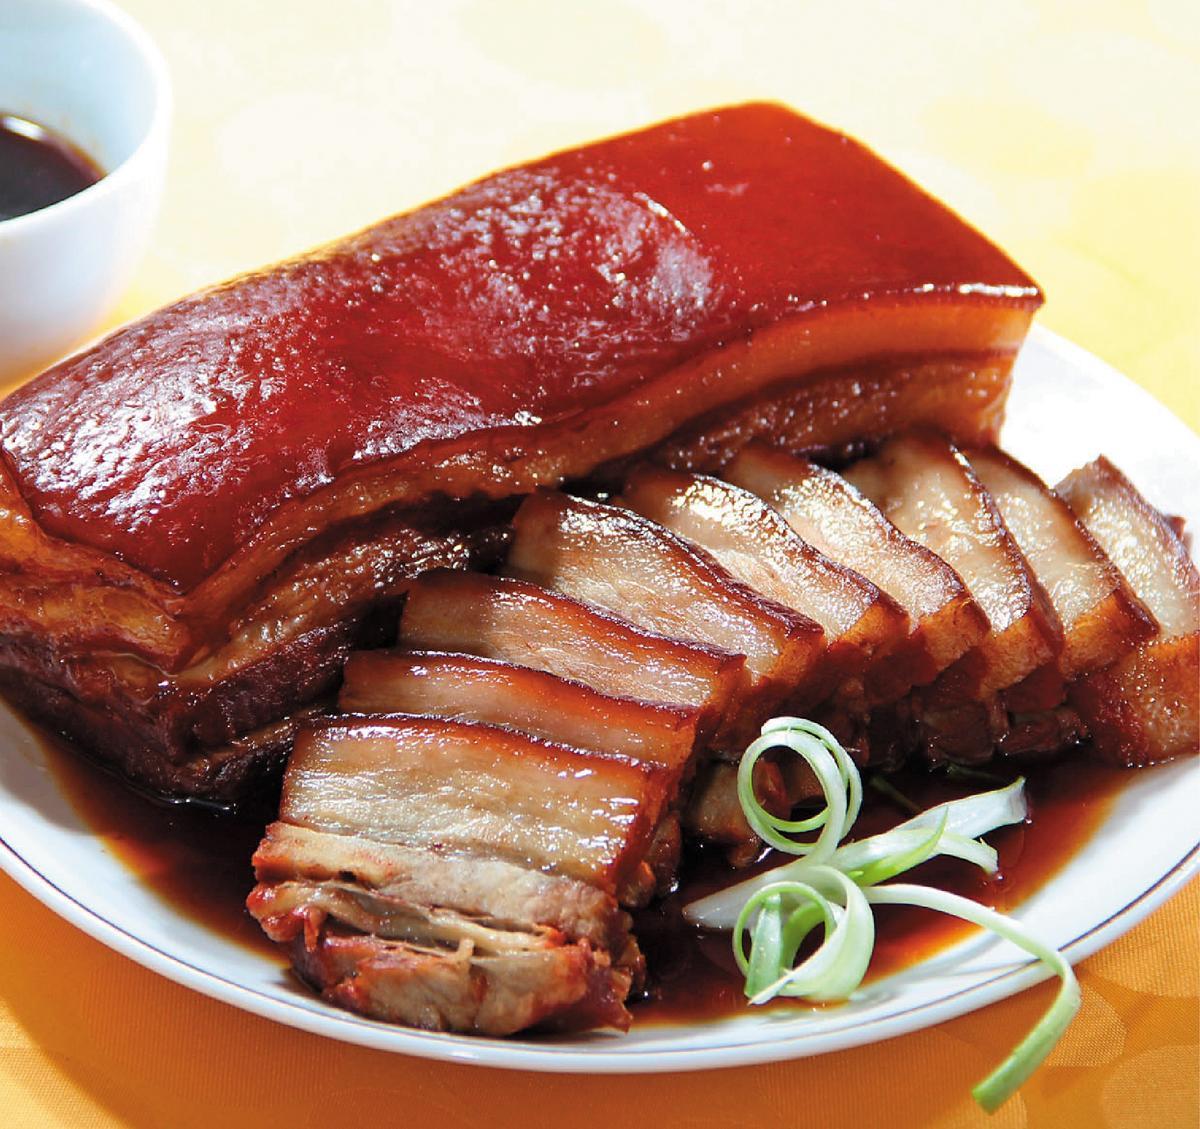 億長御坊的招牌東坡肉。(翻攝網路)